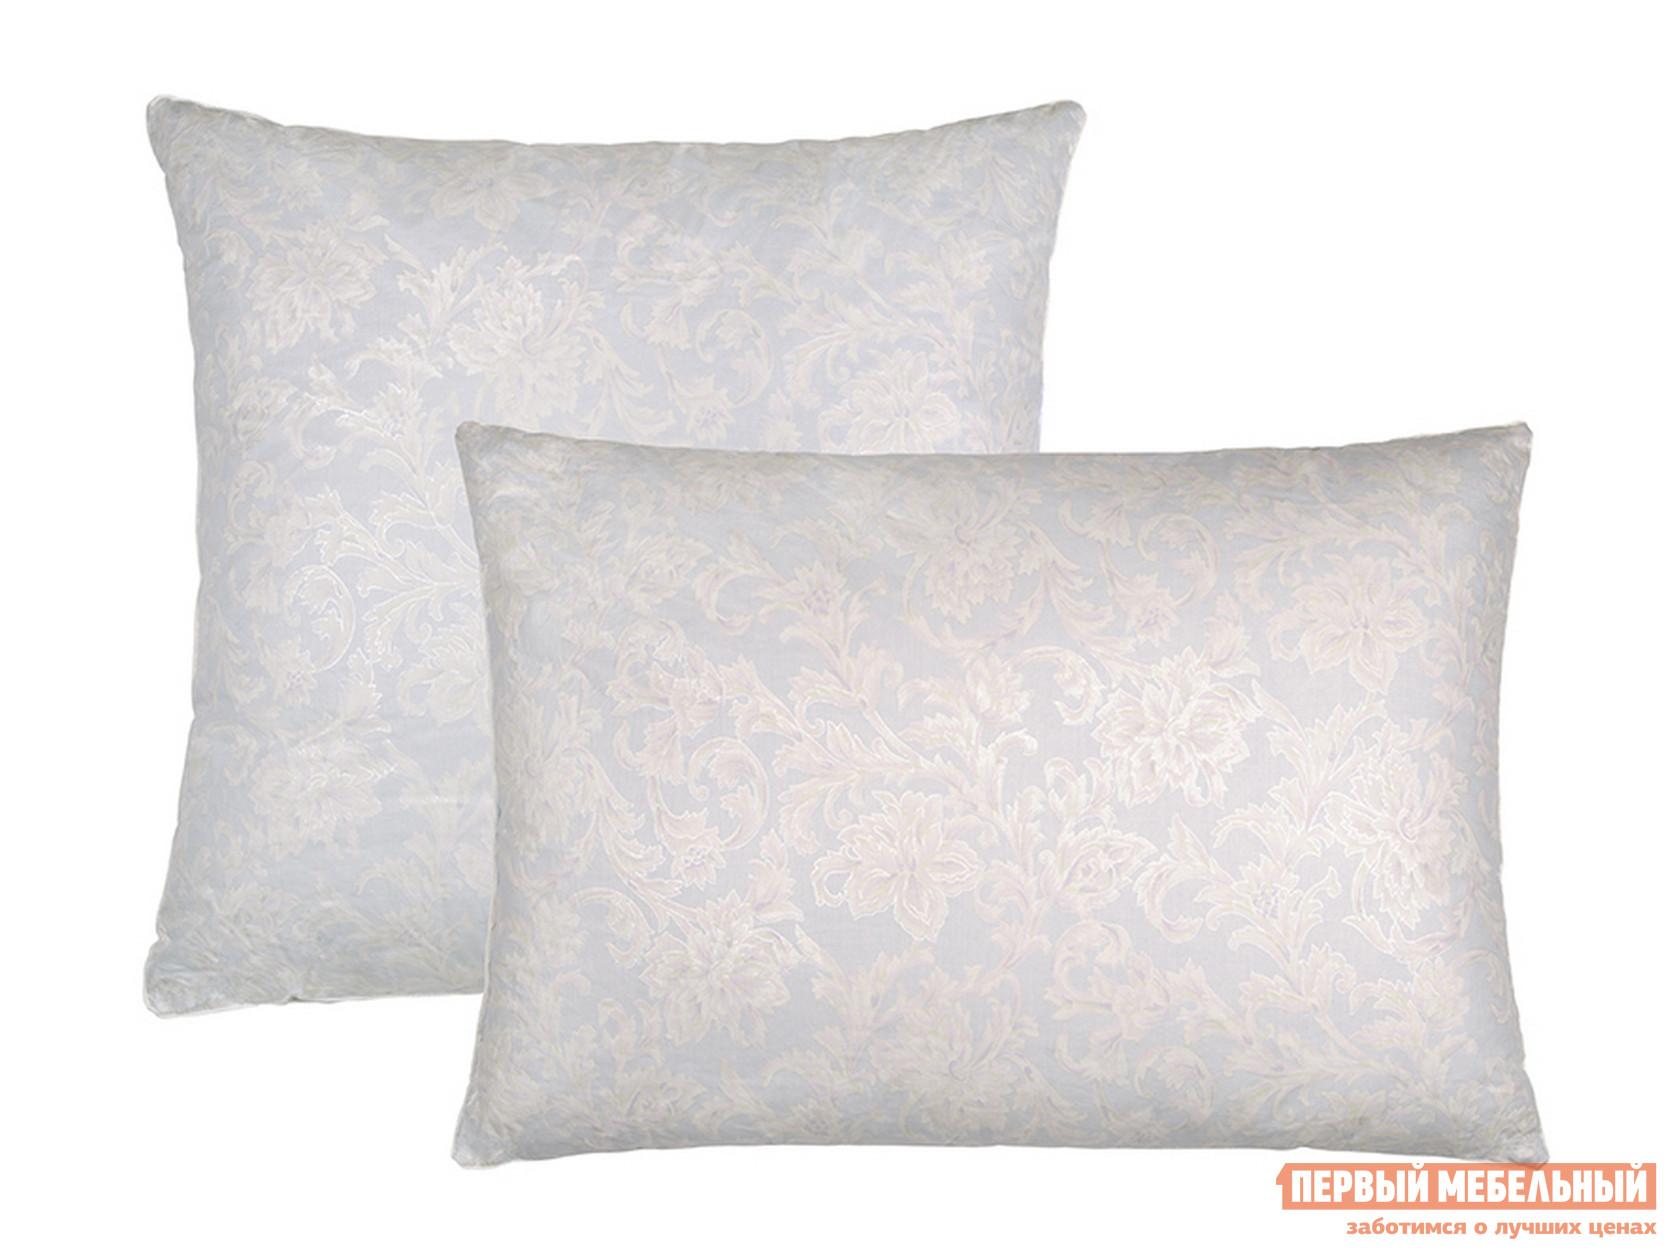 Подушка  Подушка Рокко Голубой, 68 Х 68 см